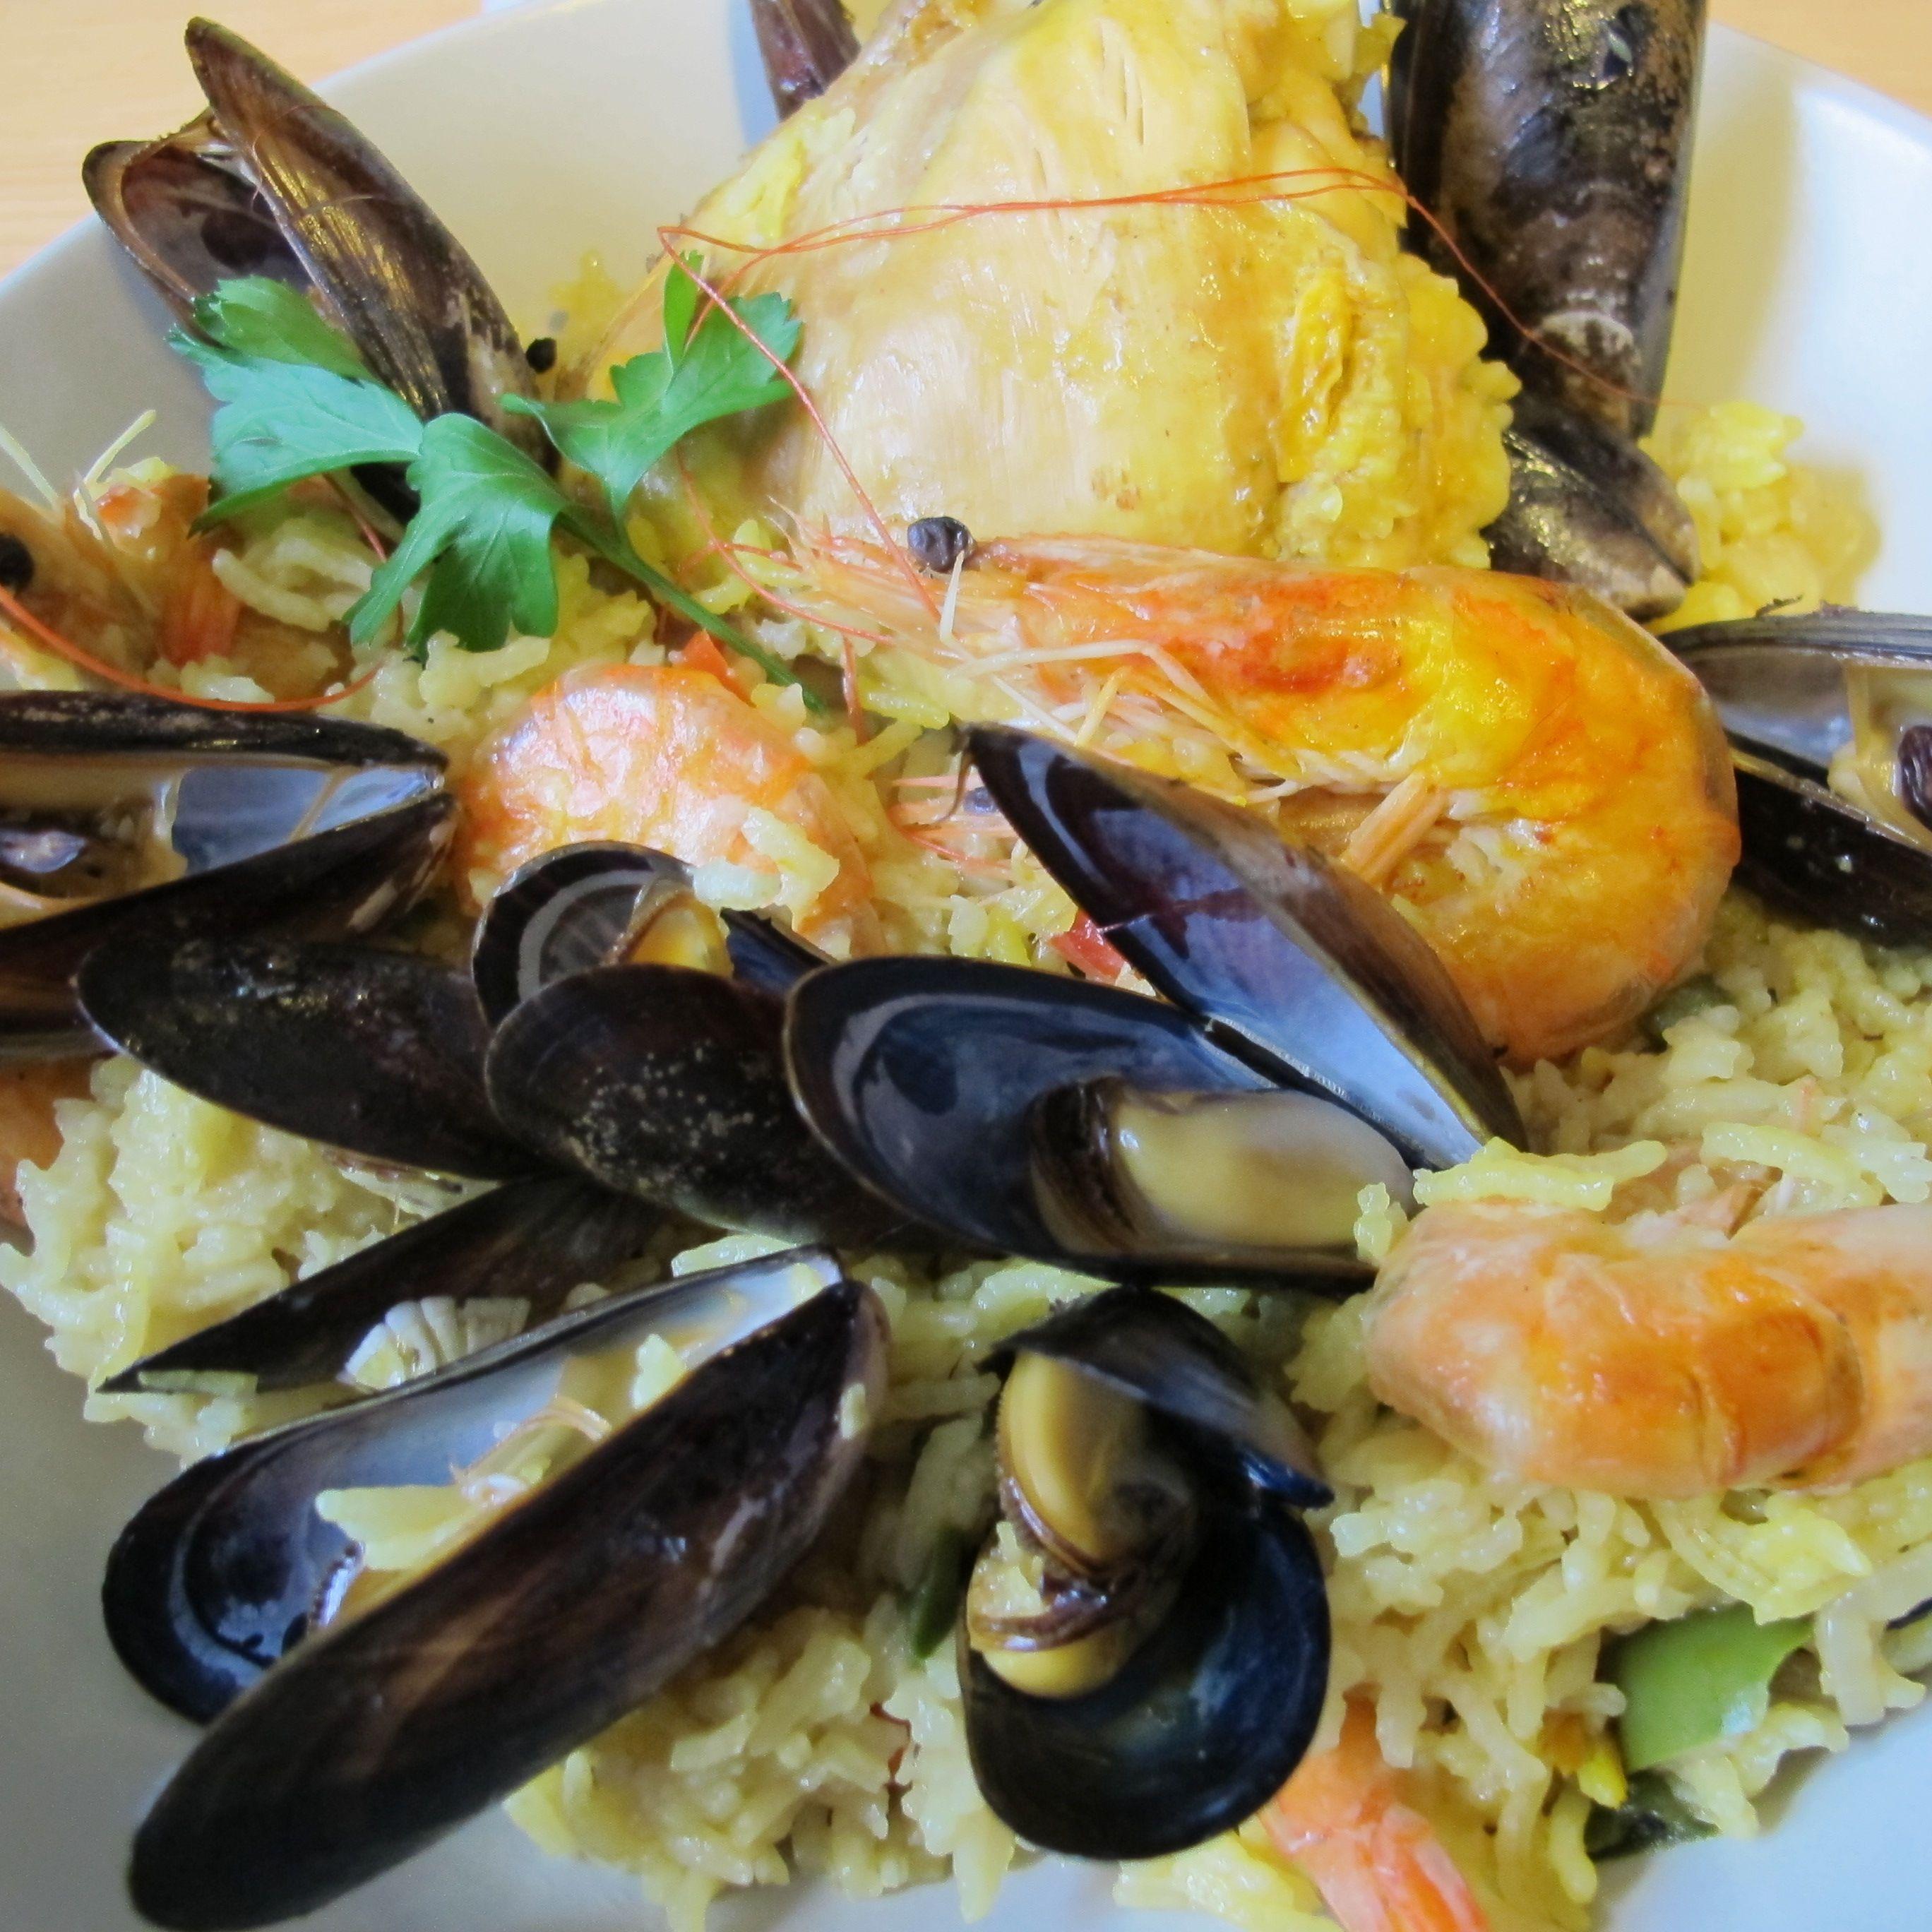 Le plat le plus connu de la cuisine espagnole naquit au xviii me si cle valence il existe - La cuisine espagnole expose ...